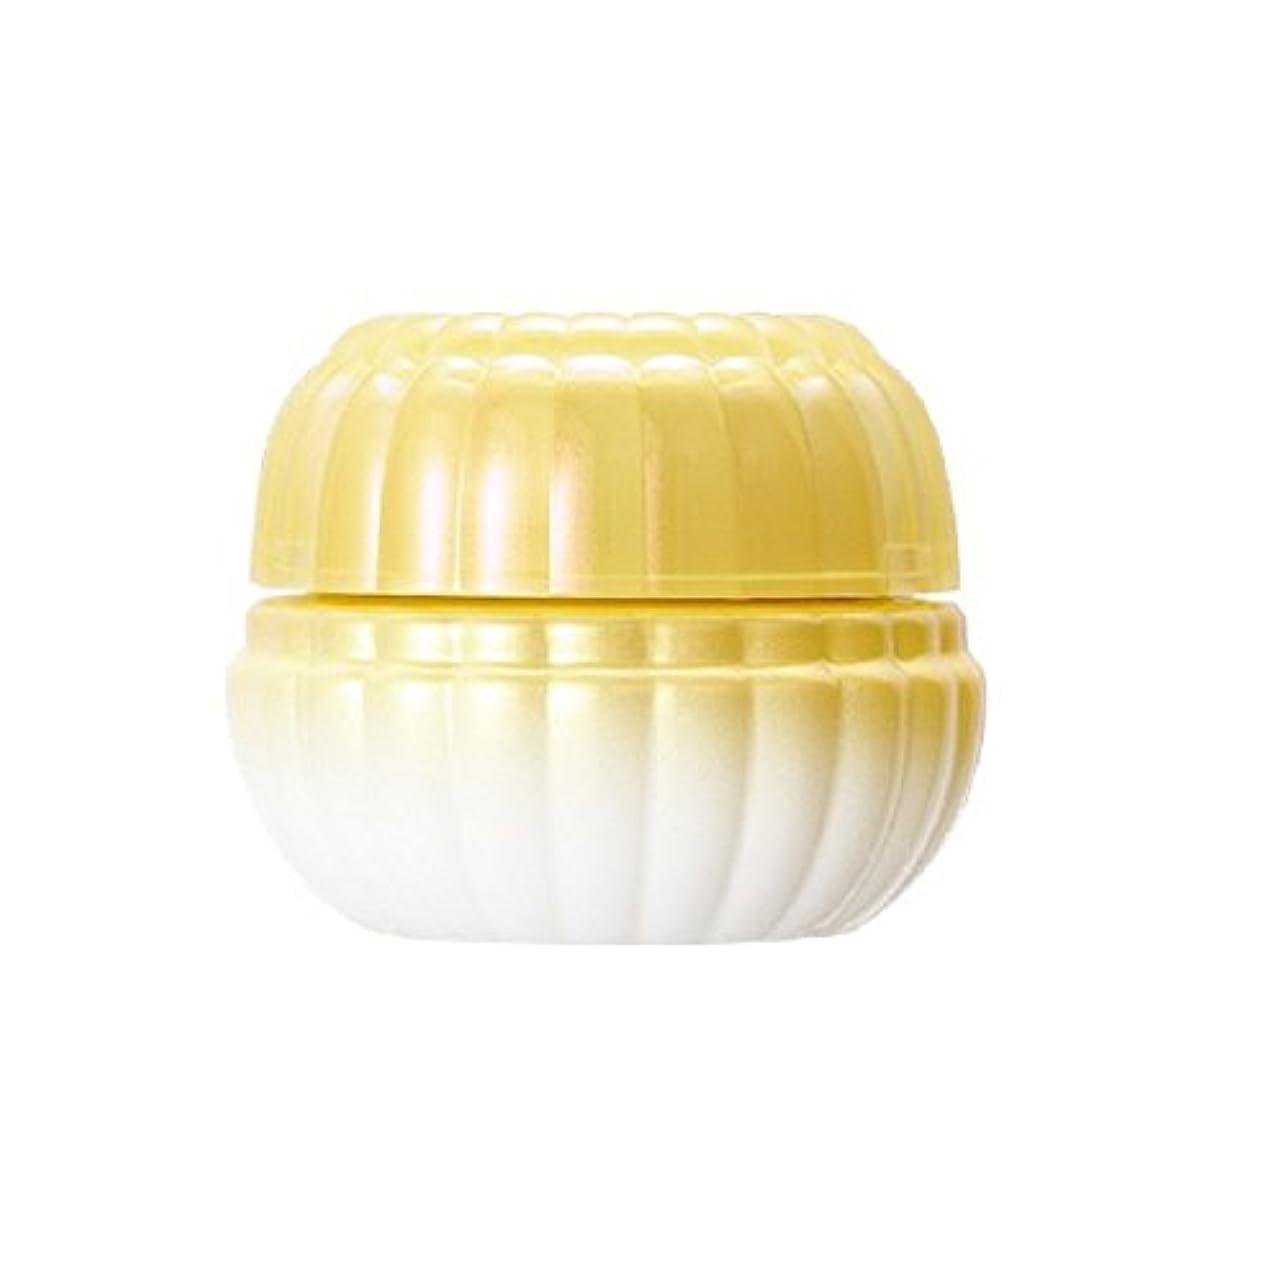 穴なめらかなタップアユーラ (AYURA) モイストパワライズクリーム (医薬部外品) 28g 〈美白クリーム〉